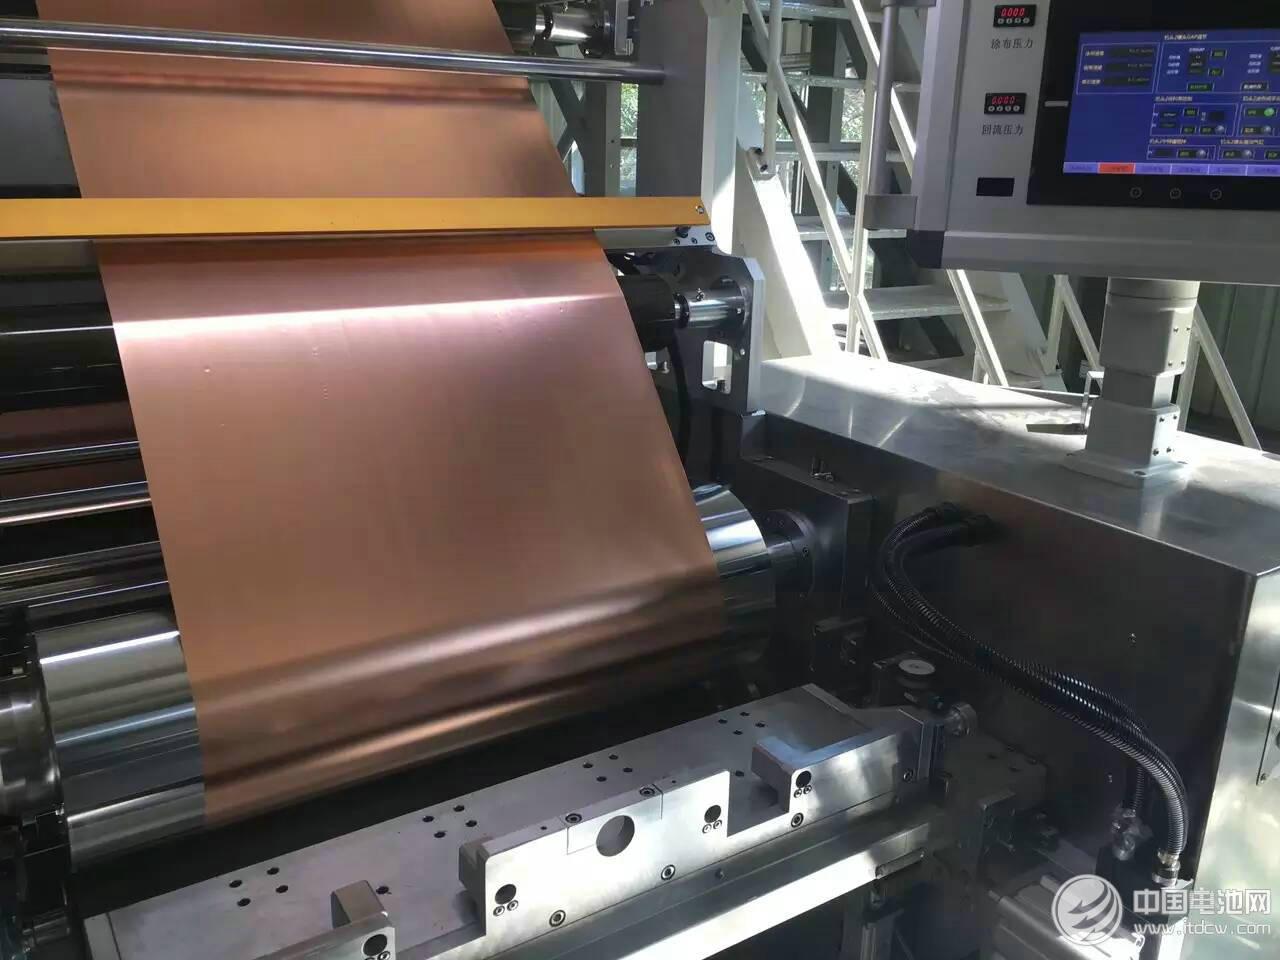 【铜箔周报】嘉元科技4.5μm铜箔预计年底量产!德福新材料年产5万吨铜箔项目即将试产